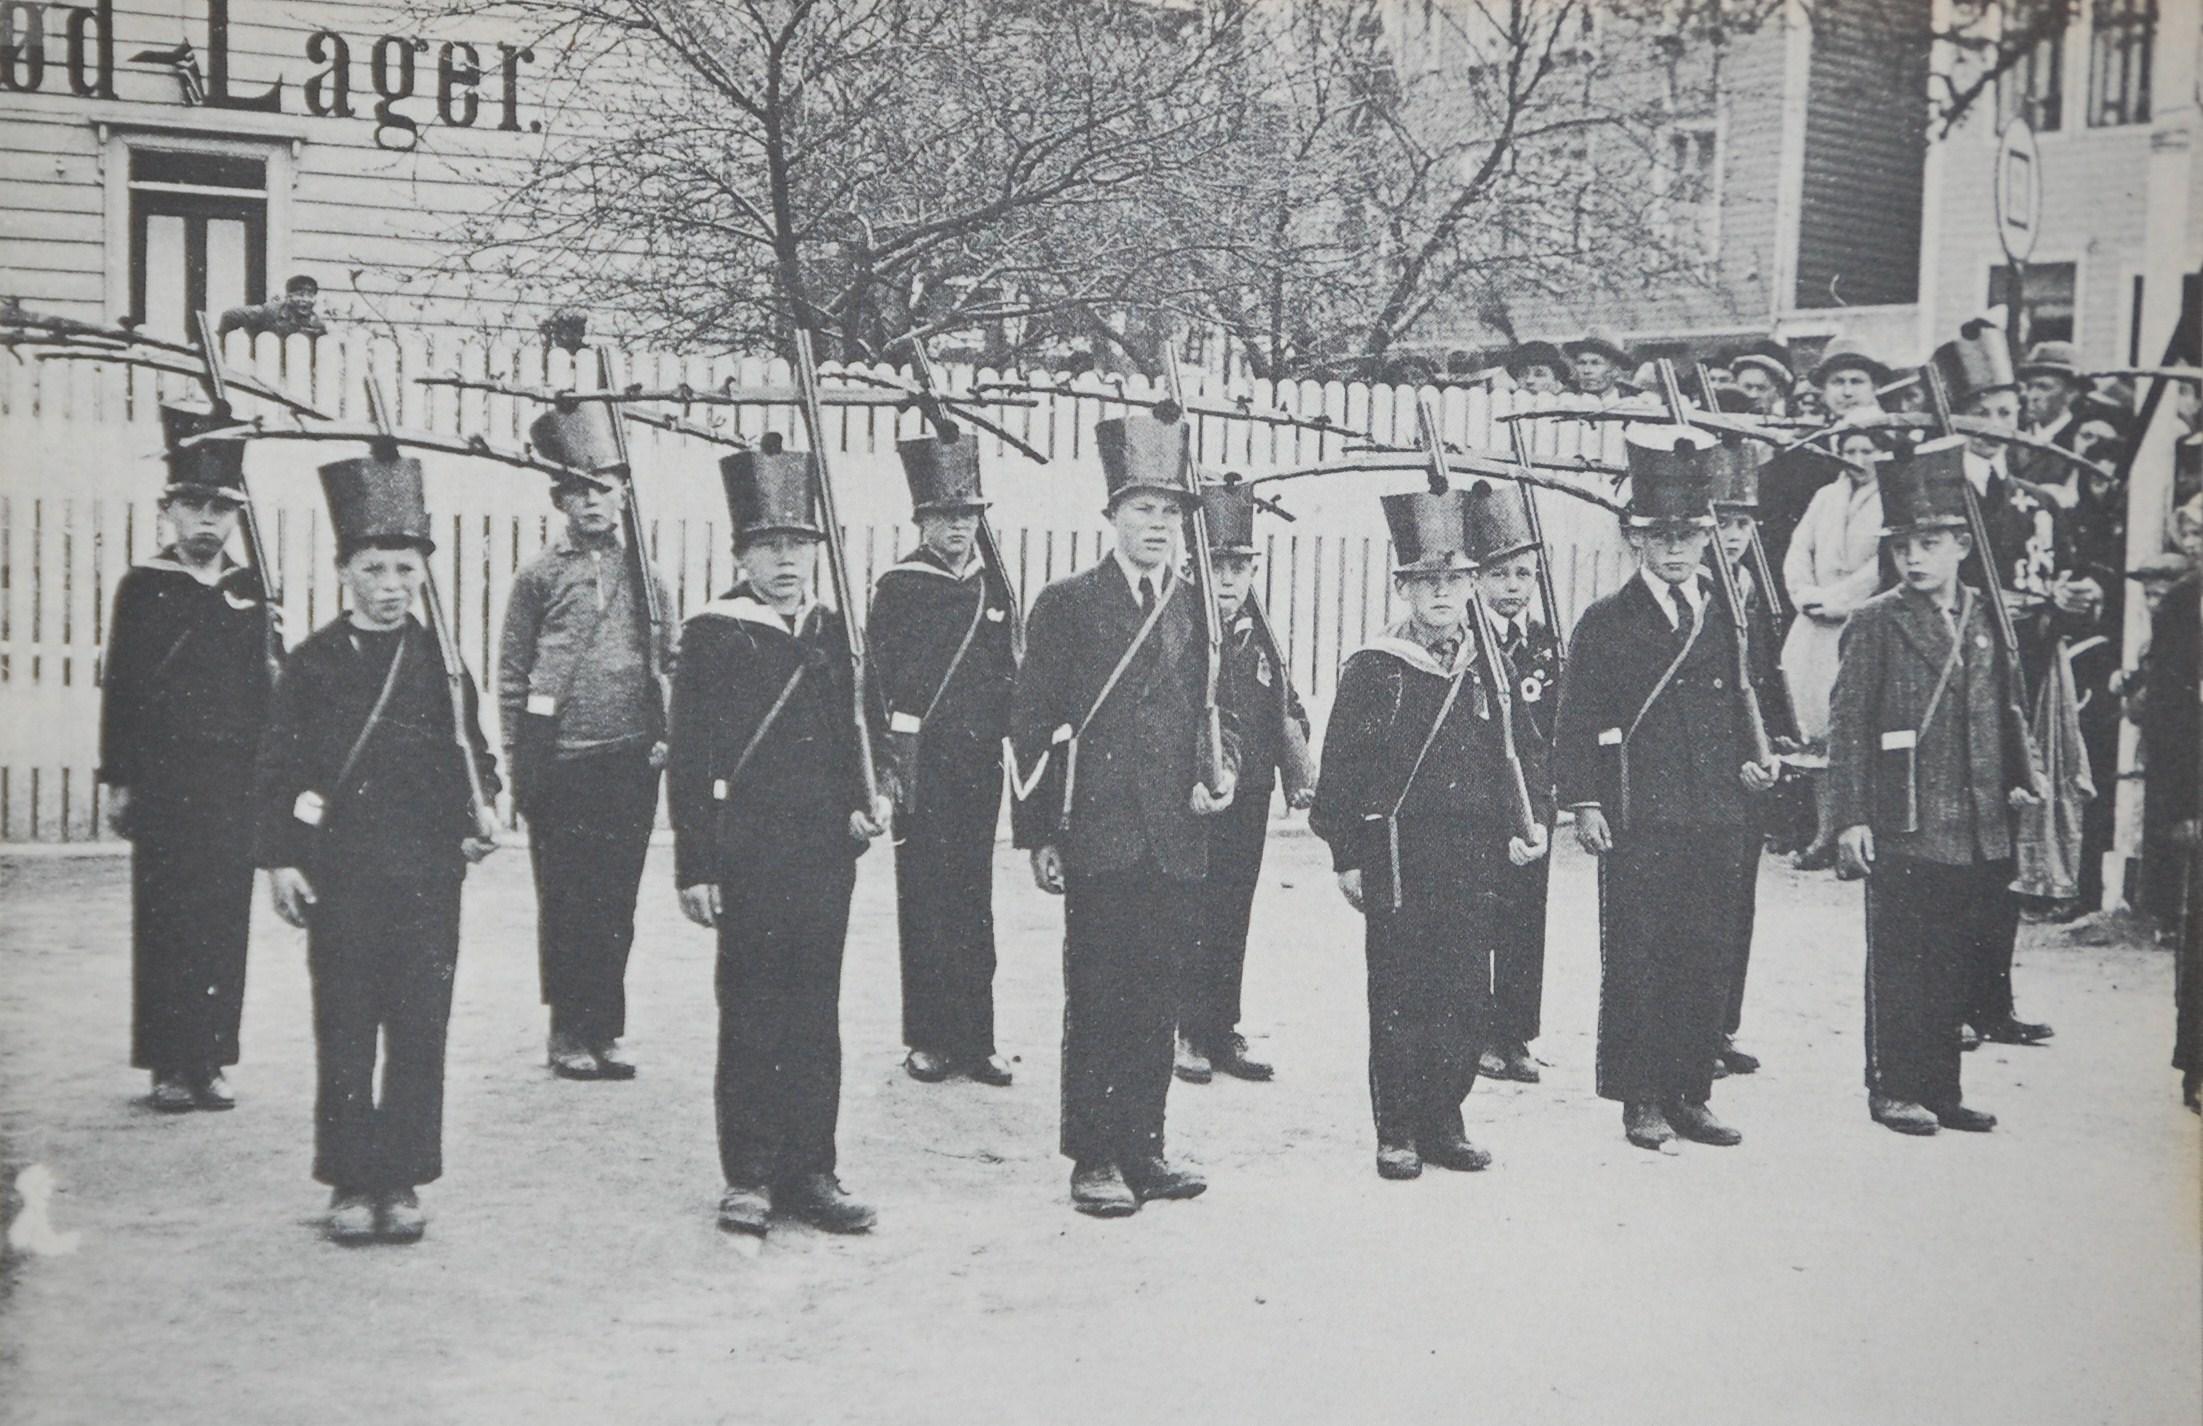 sandvikensbuekorps 1932.jpg